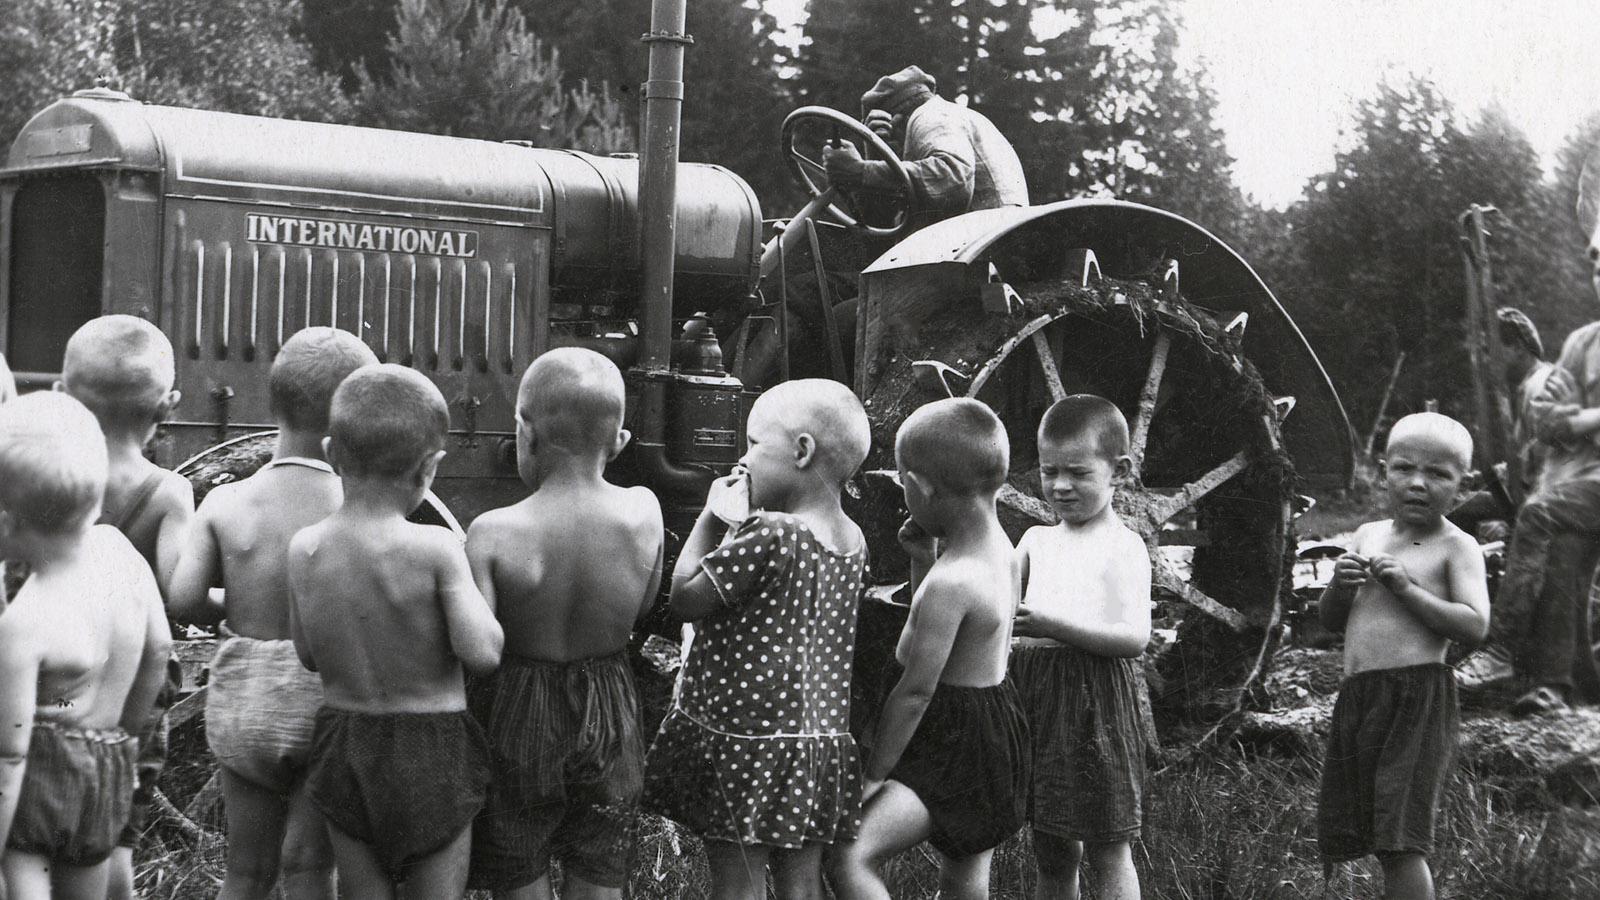 Первые 300 советских тракторов сошли с конвейера индустриального гиганта первой пятилетки – Сталинградского тракторного завода. И сразу же отправились в районы-лидеры по коллективизации сельского хозяйства. Этот завод в СССР ждали, как ненаглядного первенца: до революции в России тракторов не выпускали. Сталинградский Краснознаменный тракторный в корне изменил ситуацию в сельском хозяйстве. Трактор под названием «Интернационал» позволил механизировать деревню и осуществить ту самую «смычку села с городом», о которой так долго говорили большевики.